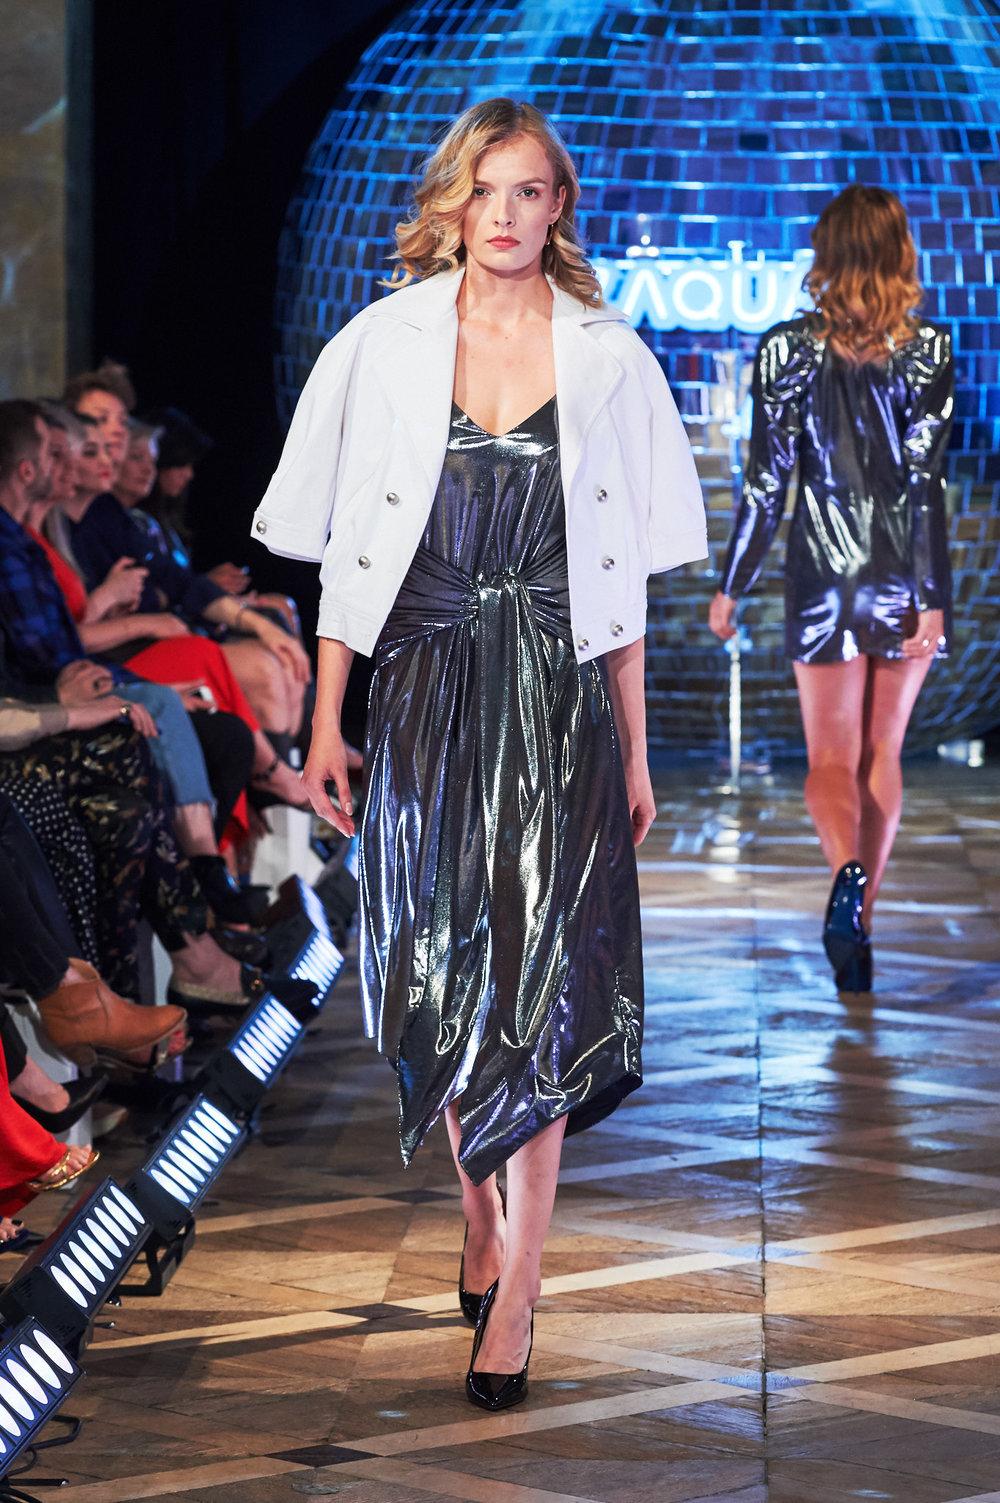 48_ZAQUAD_090519_lowres-fotFilipOkopny-FashionImages.jpg